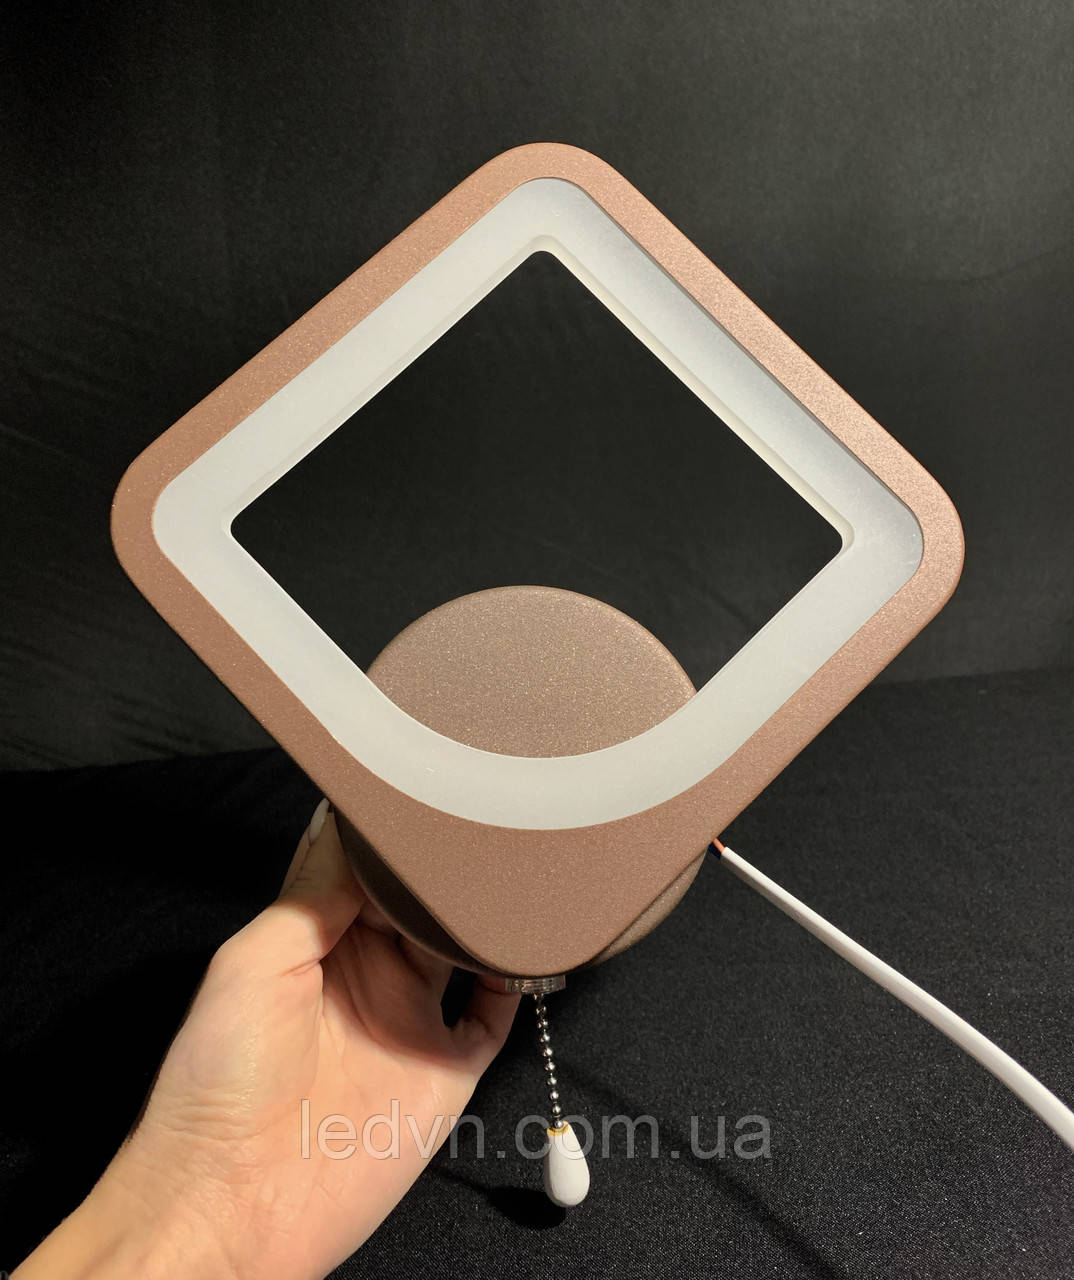 Современное светодиодное бра коричневый квадрат 9 ватт